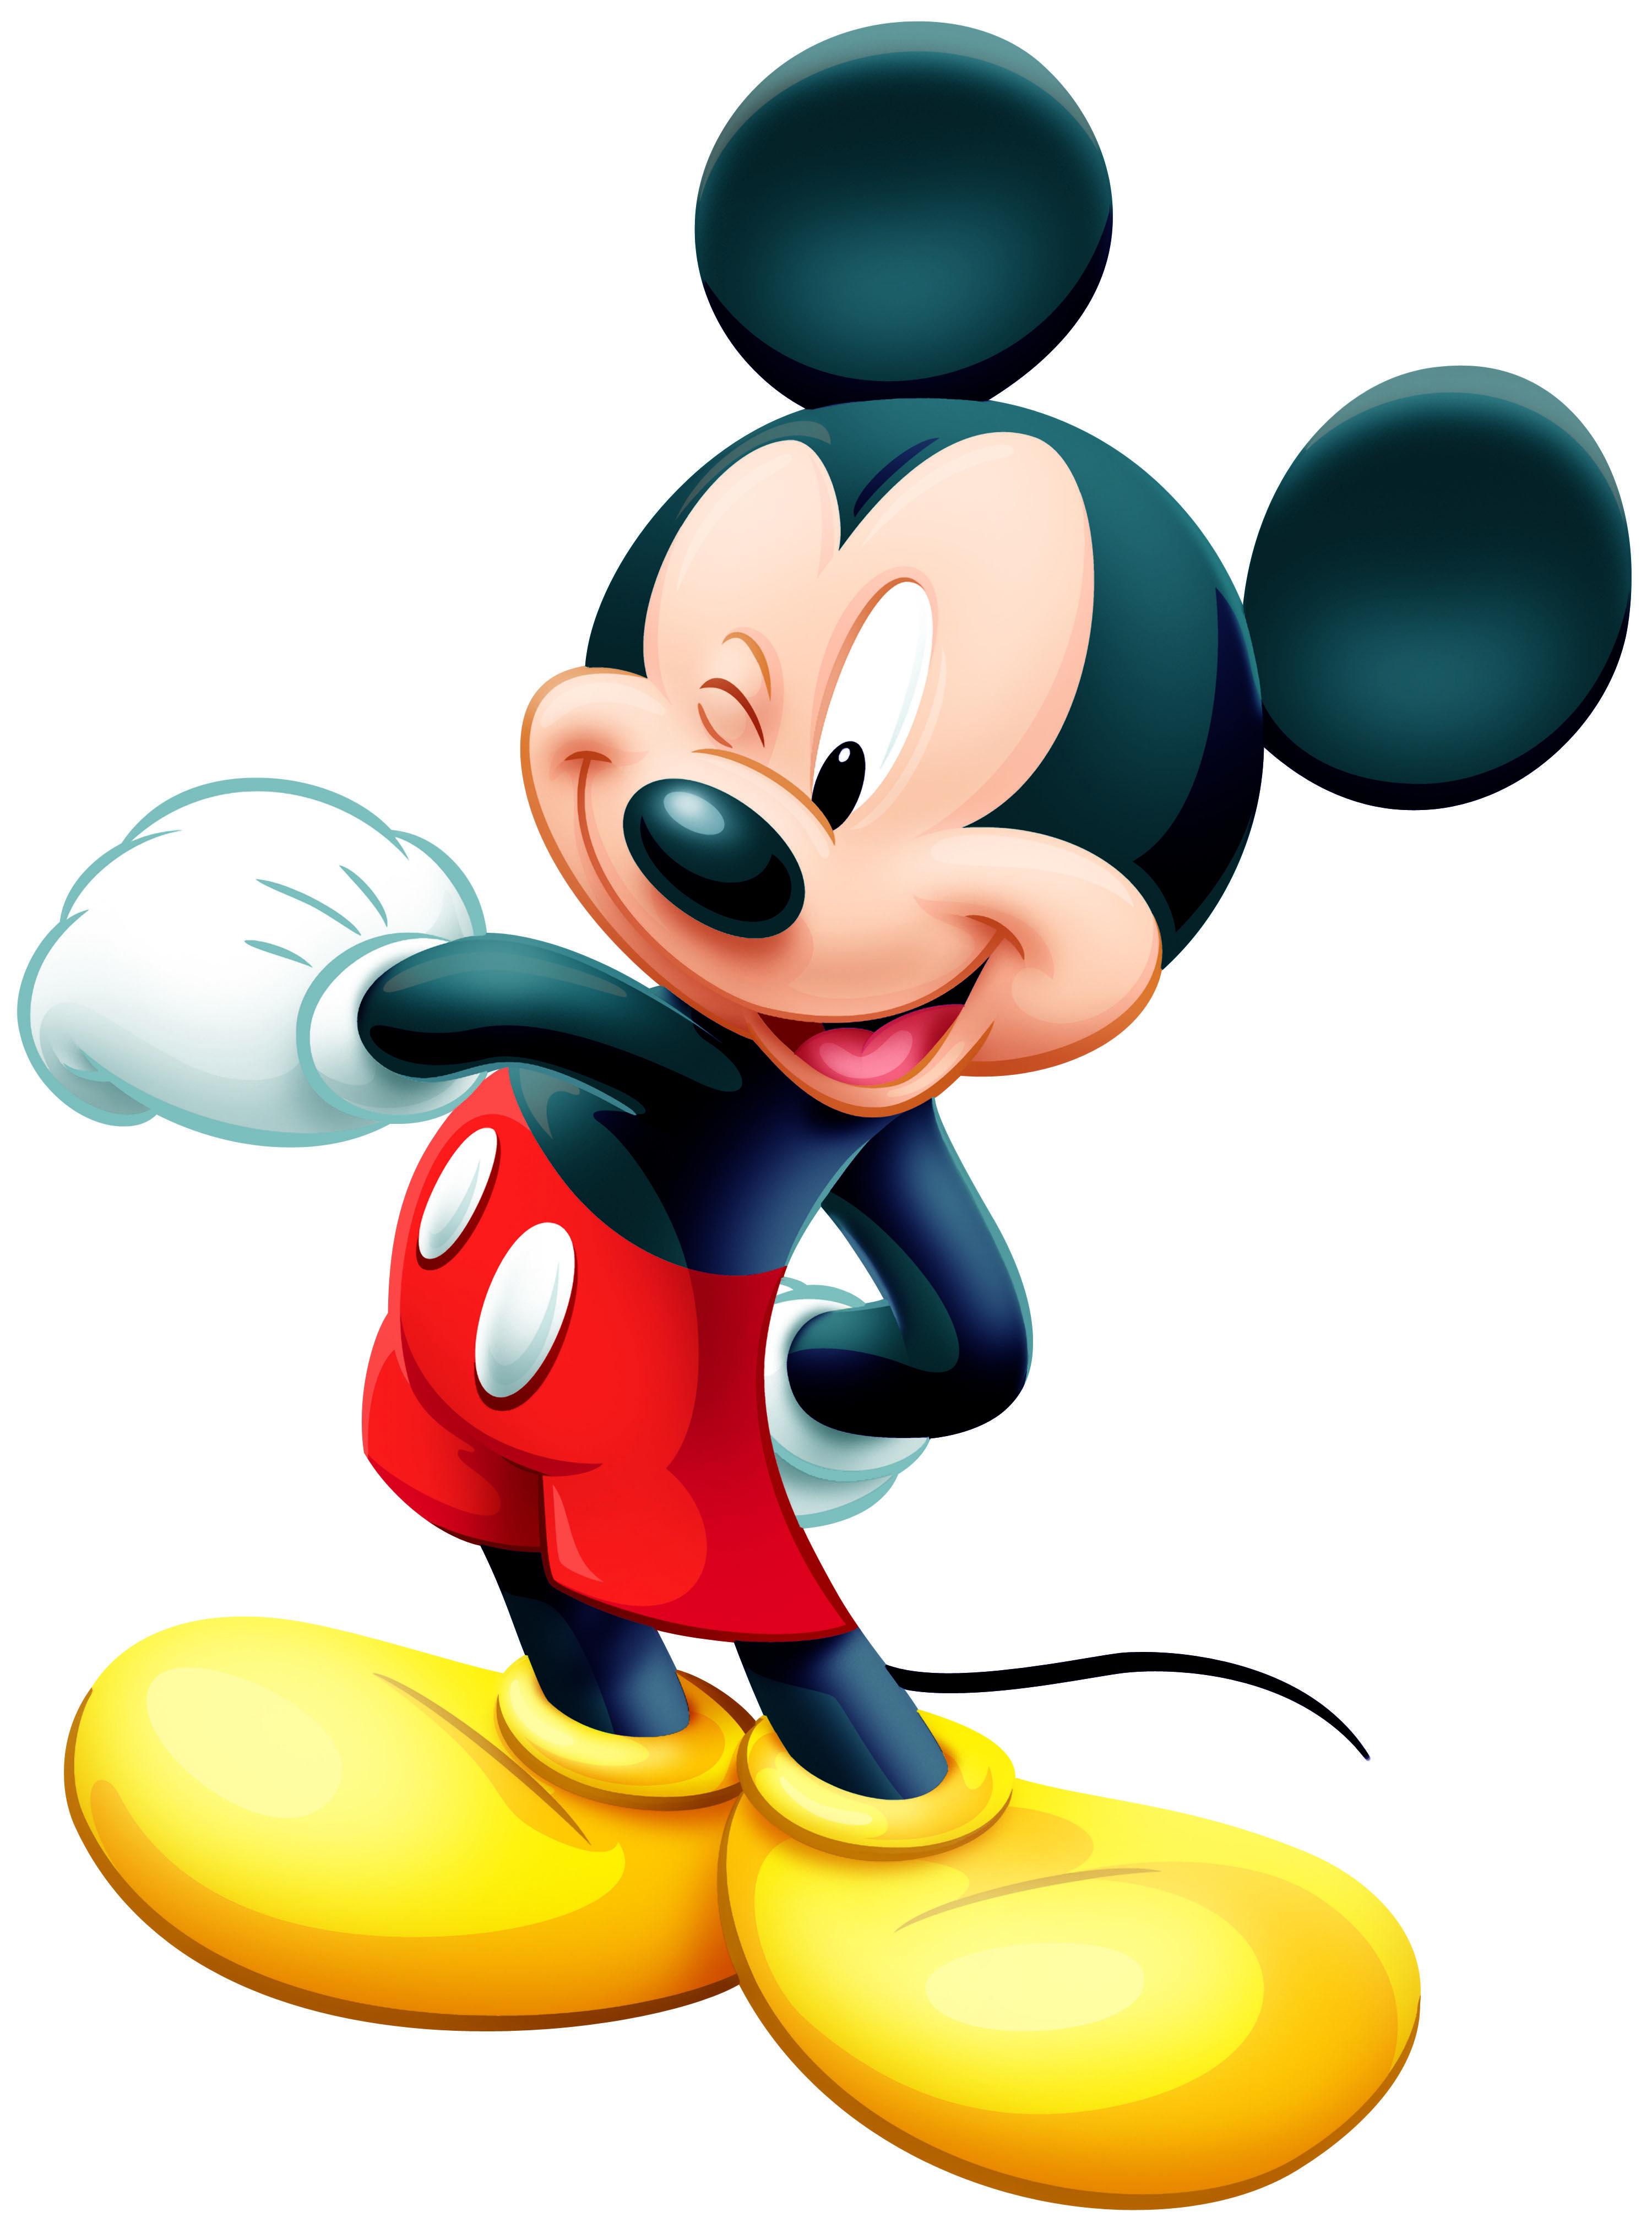 My Summer Disney Vacation From Hell Shana Figueroa S Blog Mickey